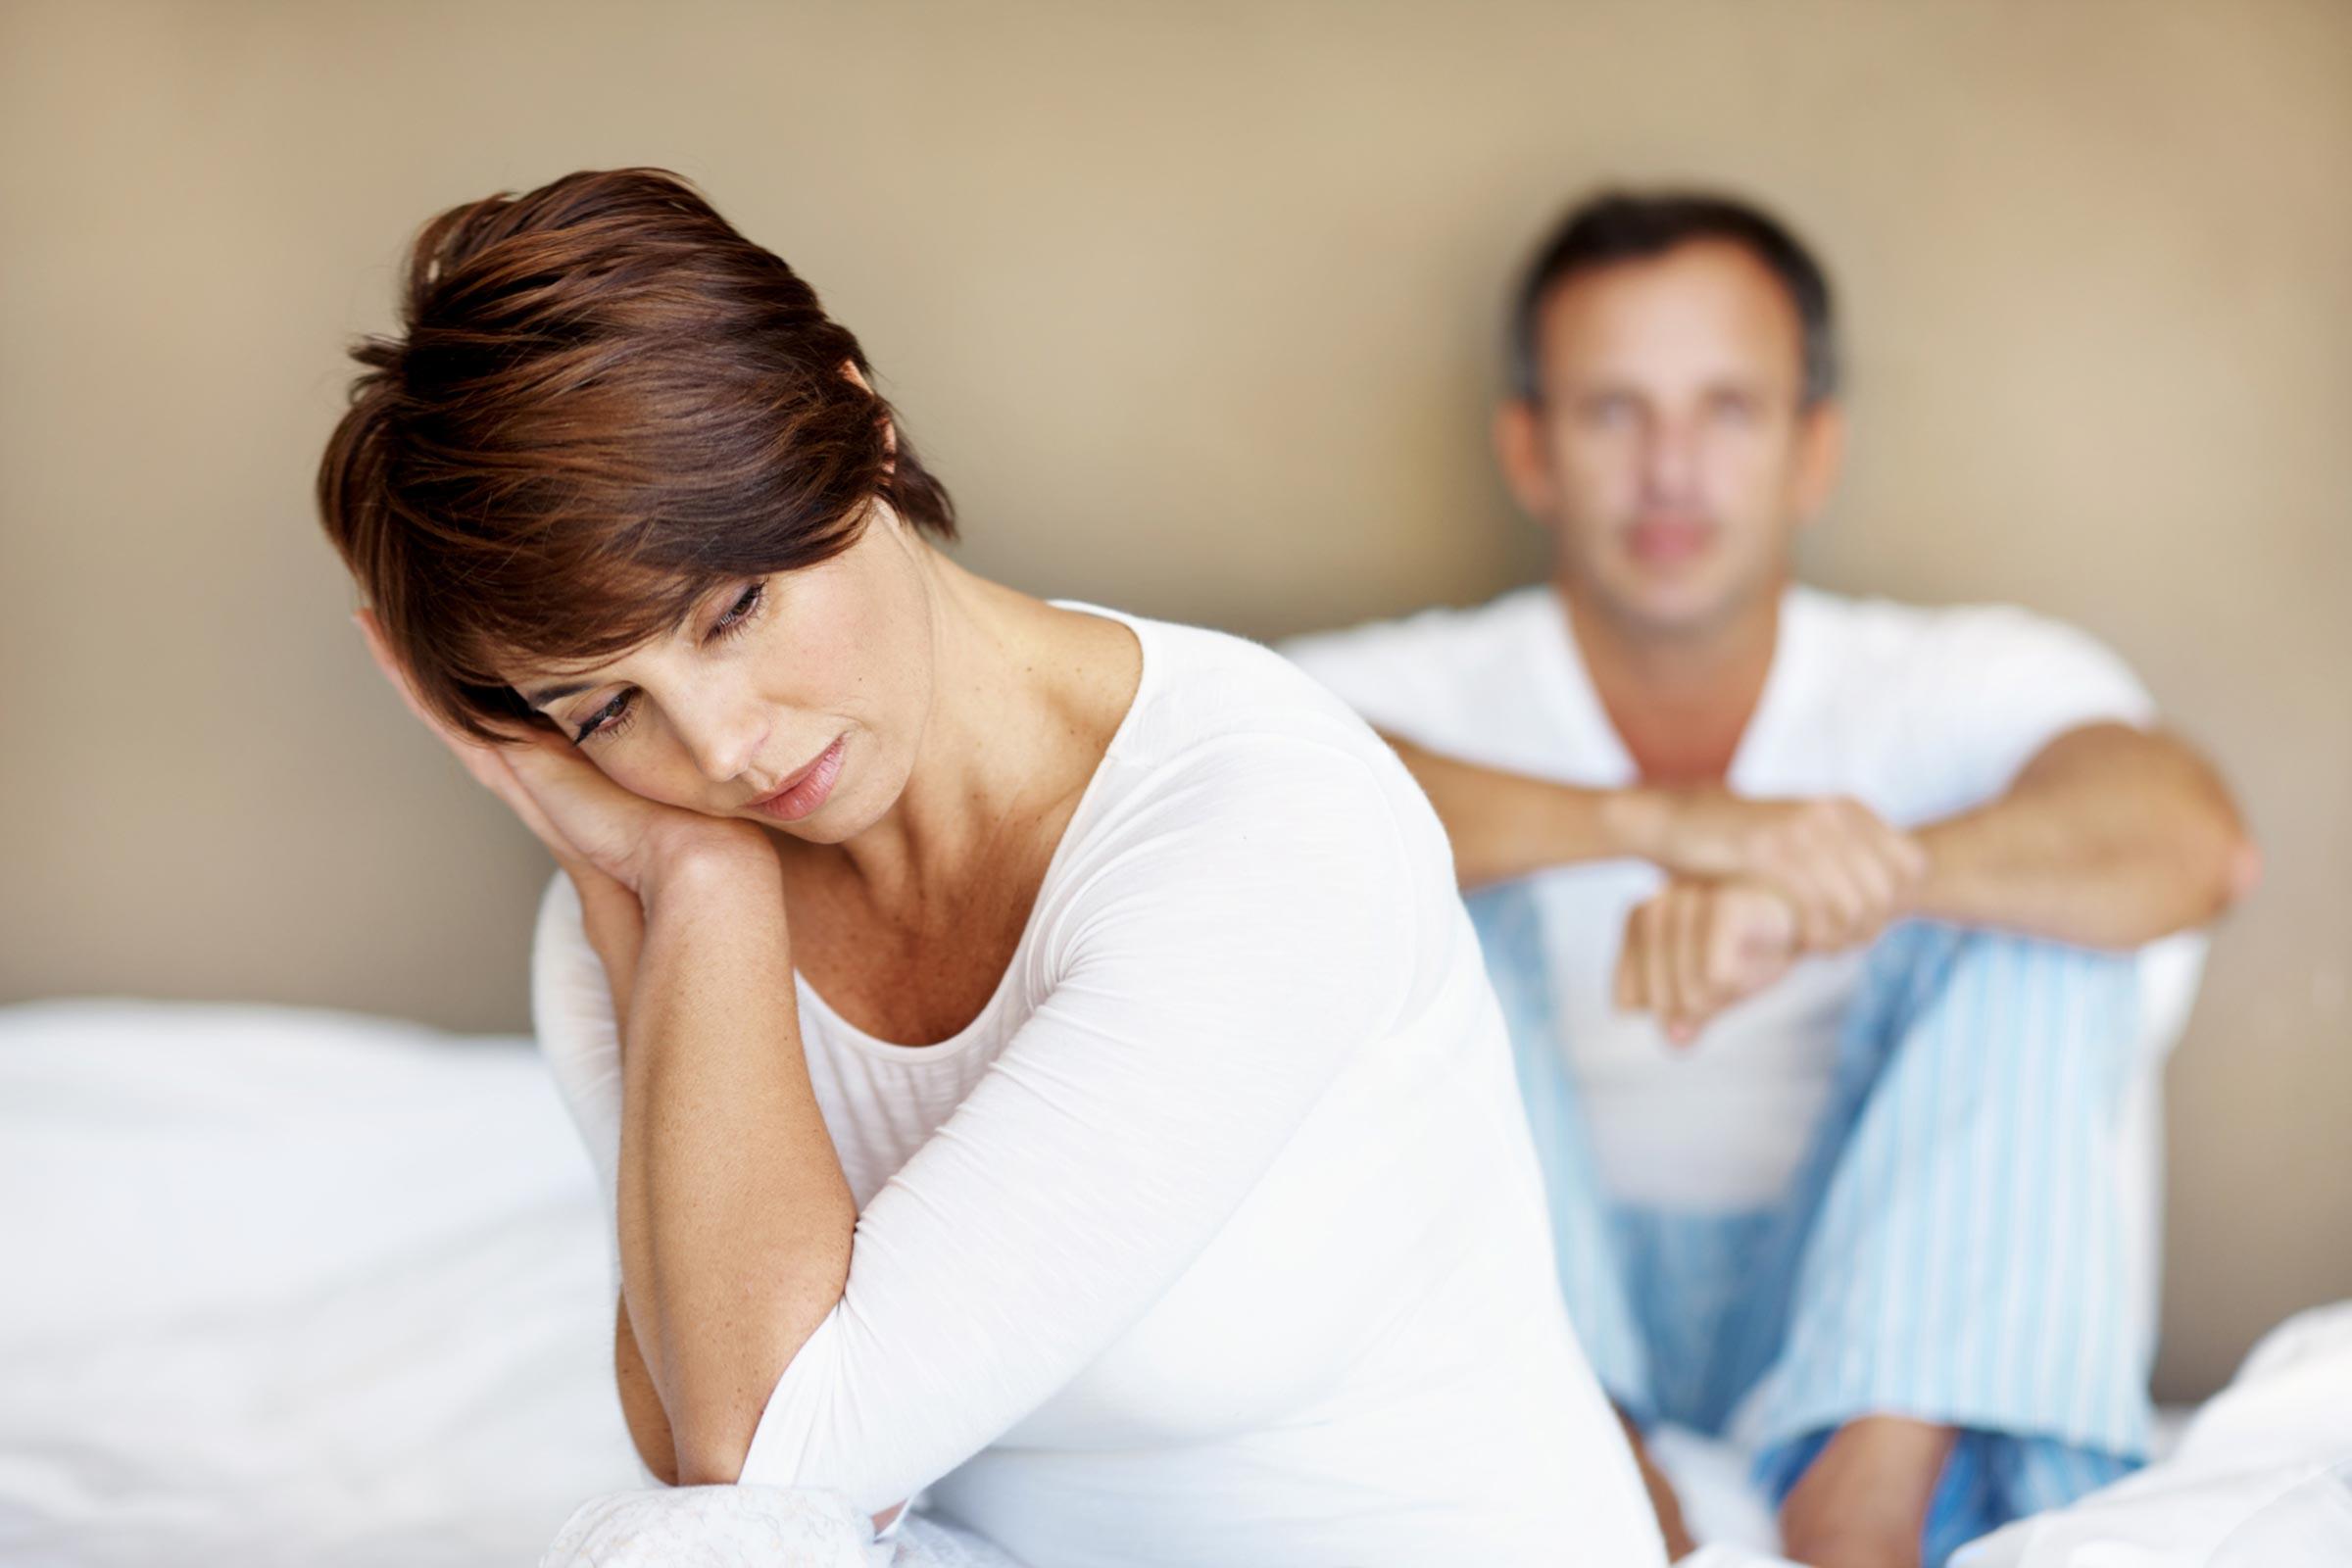 درمان کاهش میل جنسی و نرسیدن به ارگاسم در زنان